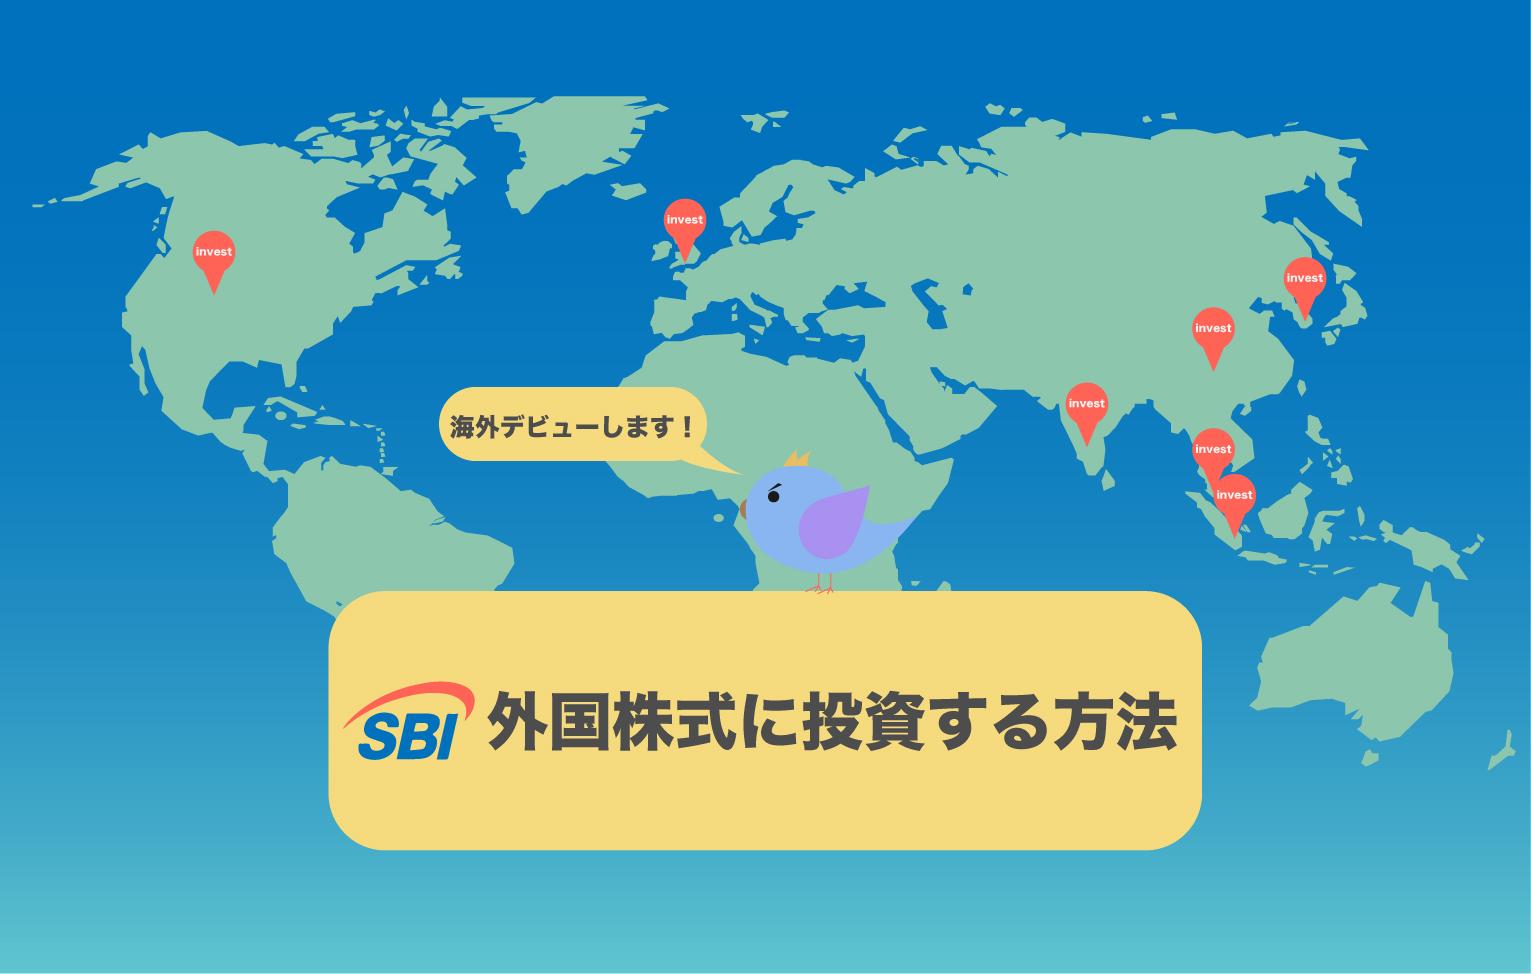 SBI証券 外国株の買い方(購入方法)を解説【海外株式の手数料を減らす方法も提案】